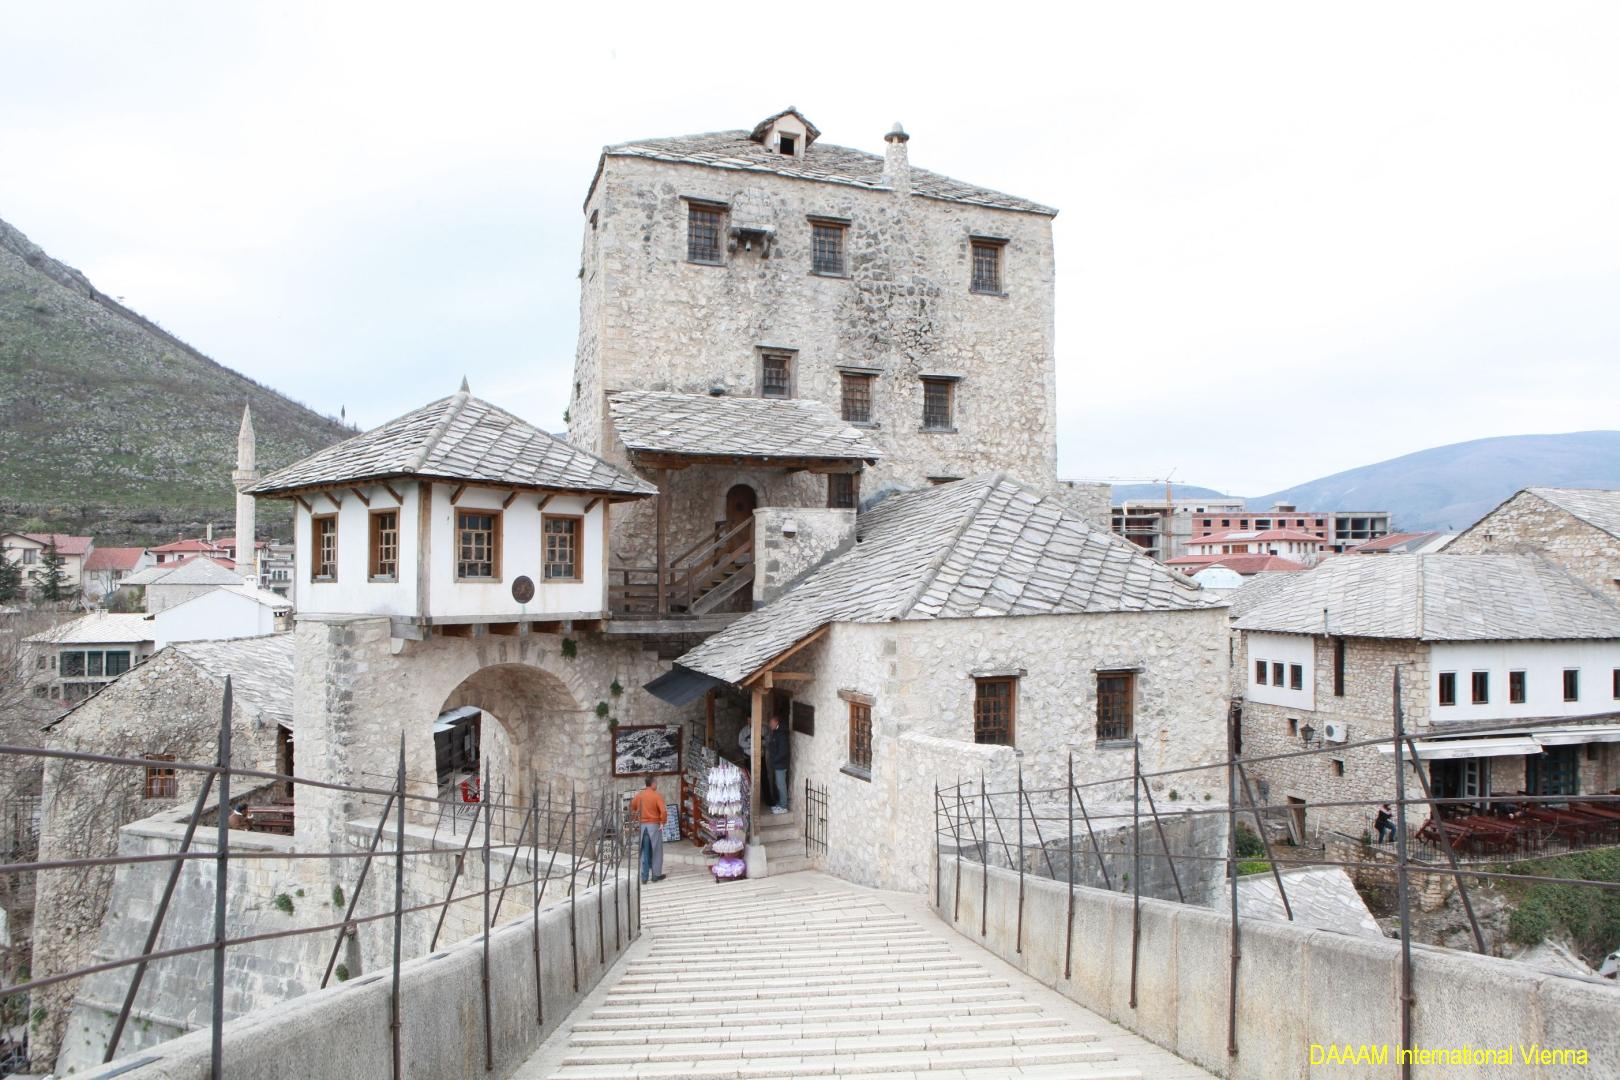 DAAAM_2016_Mostar_01_Magic_City_of_Mostar_068